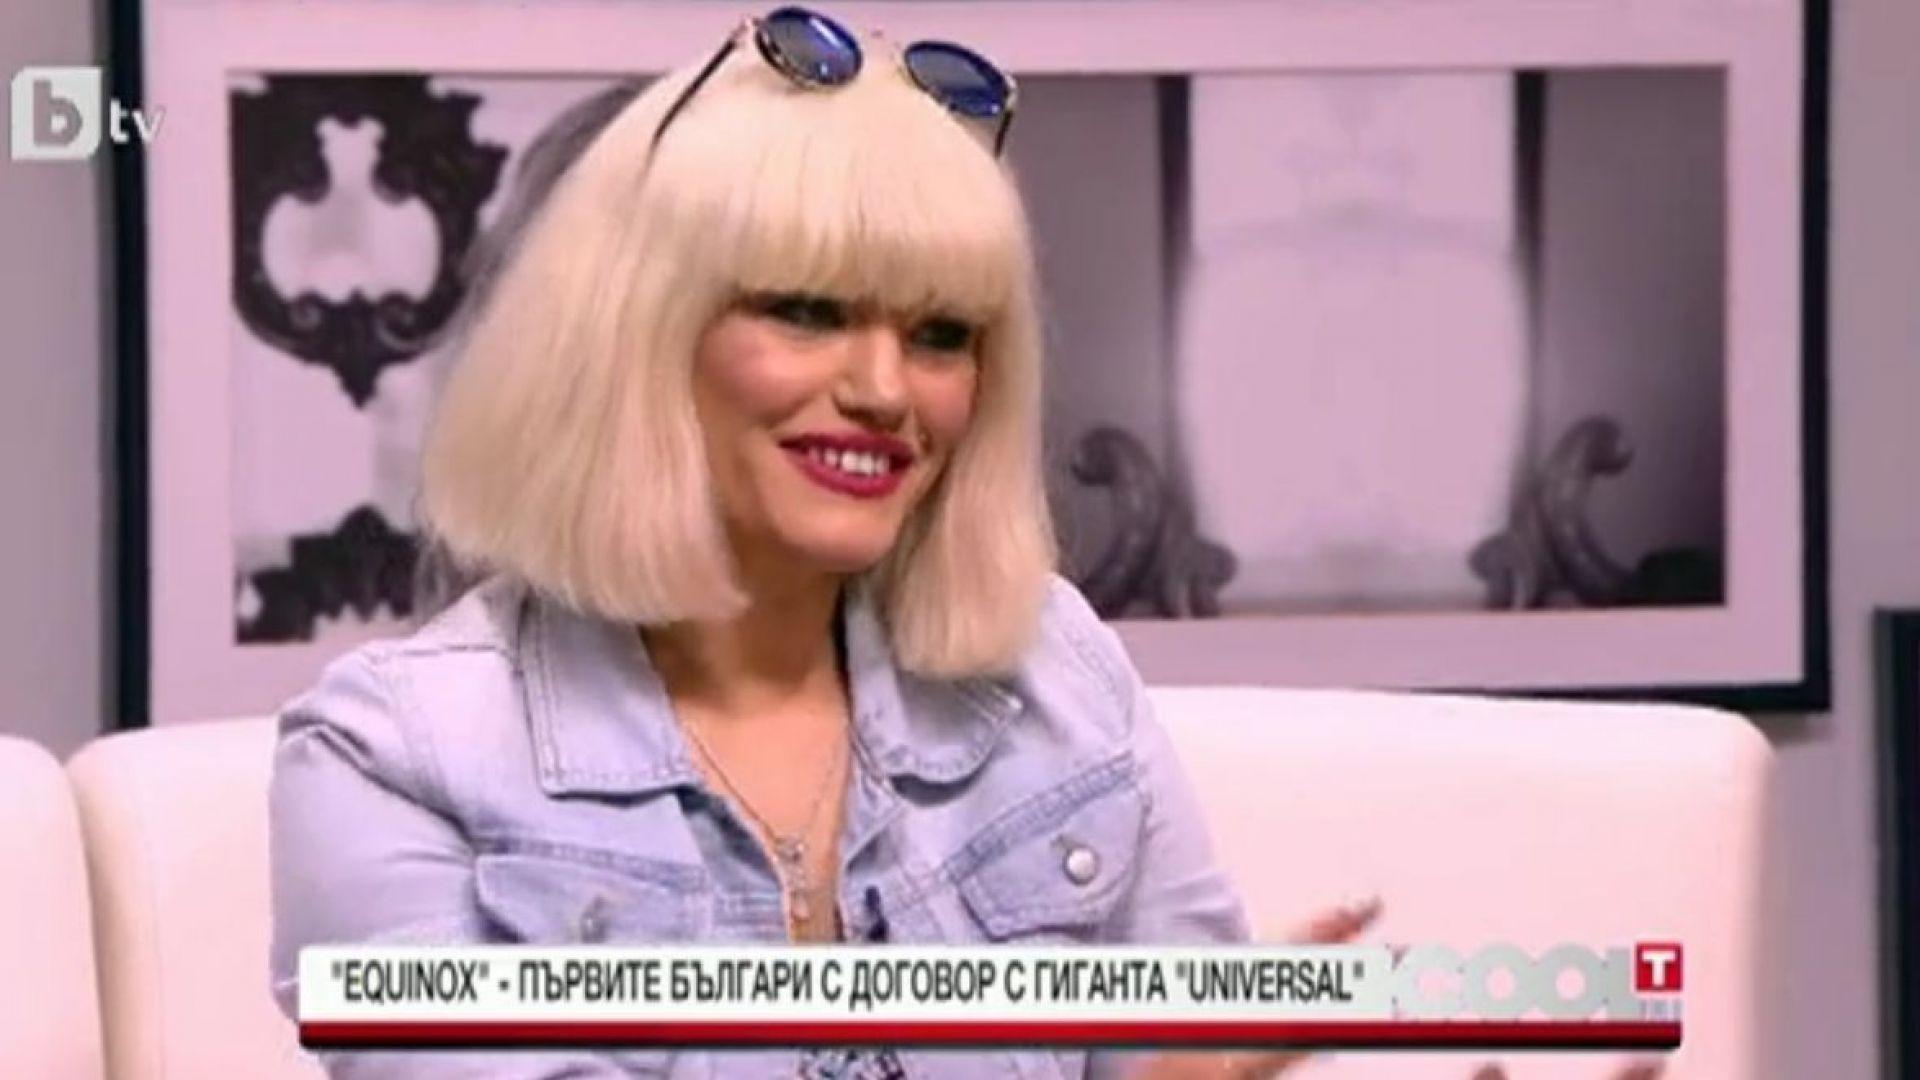 Жана: Подписахме с Universal! Деца, не посягайте към наркотиците